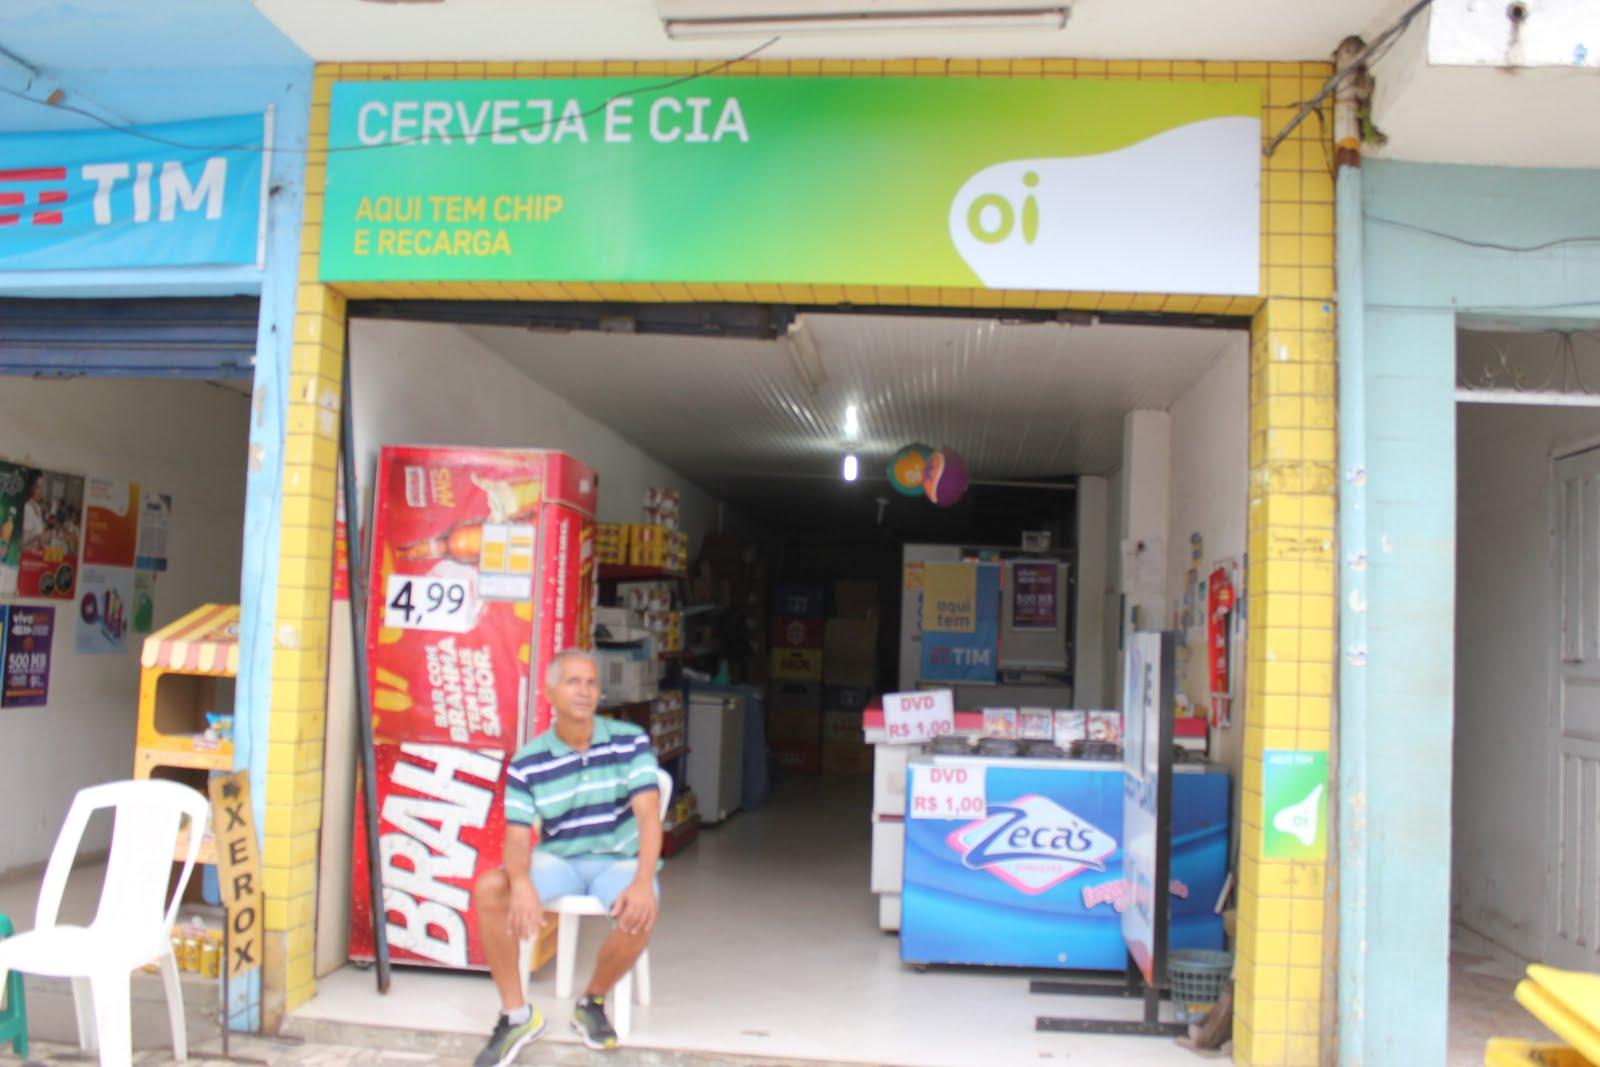 CERVEJA E CIA APÓS A CASA LOTÉRICA DA PRINCESA ISABEL NO SÃO CAETANO DIREÇÃO QUATY